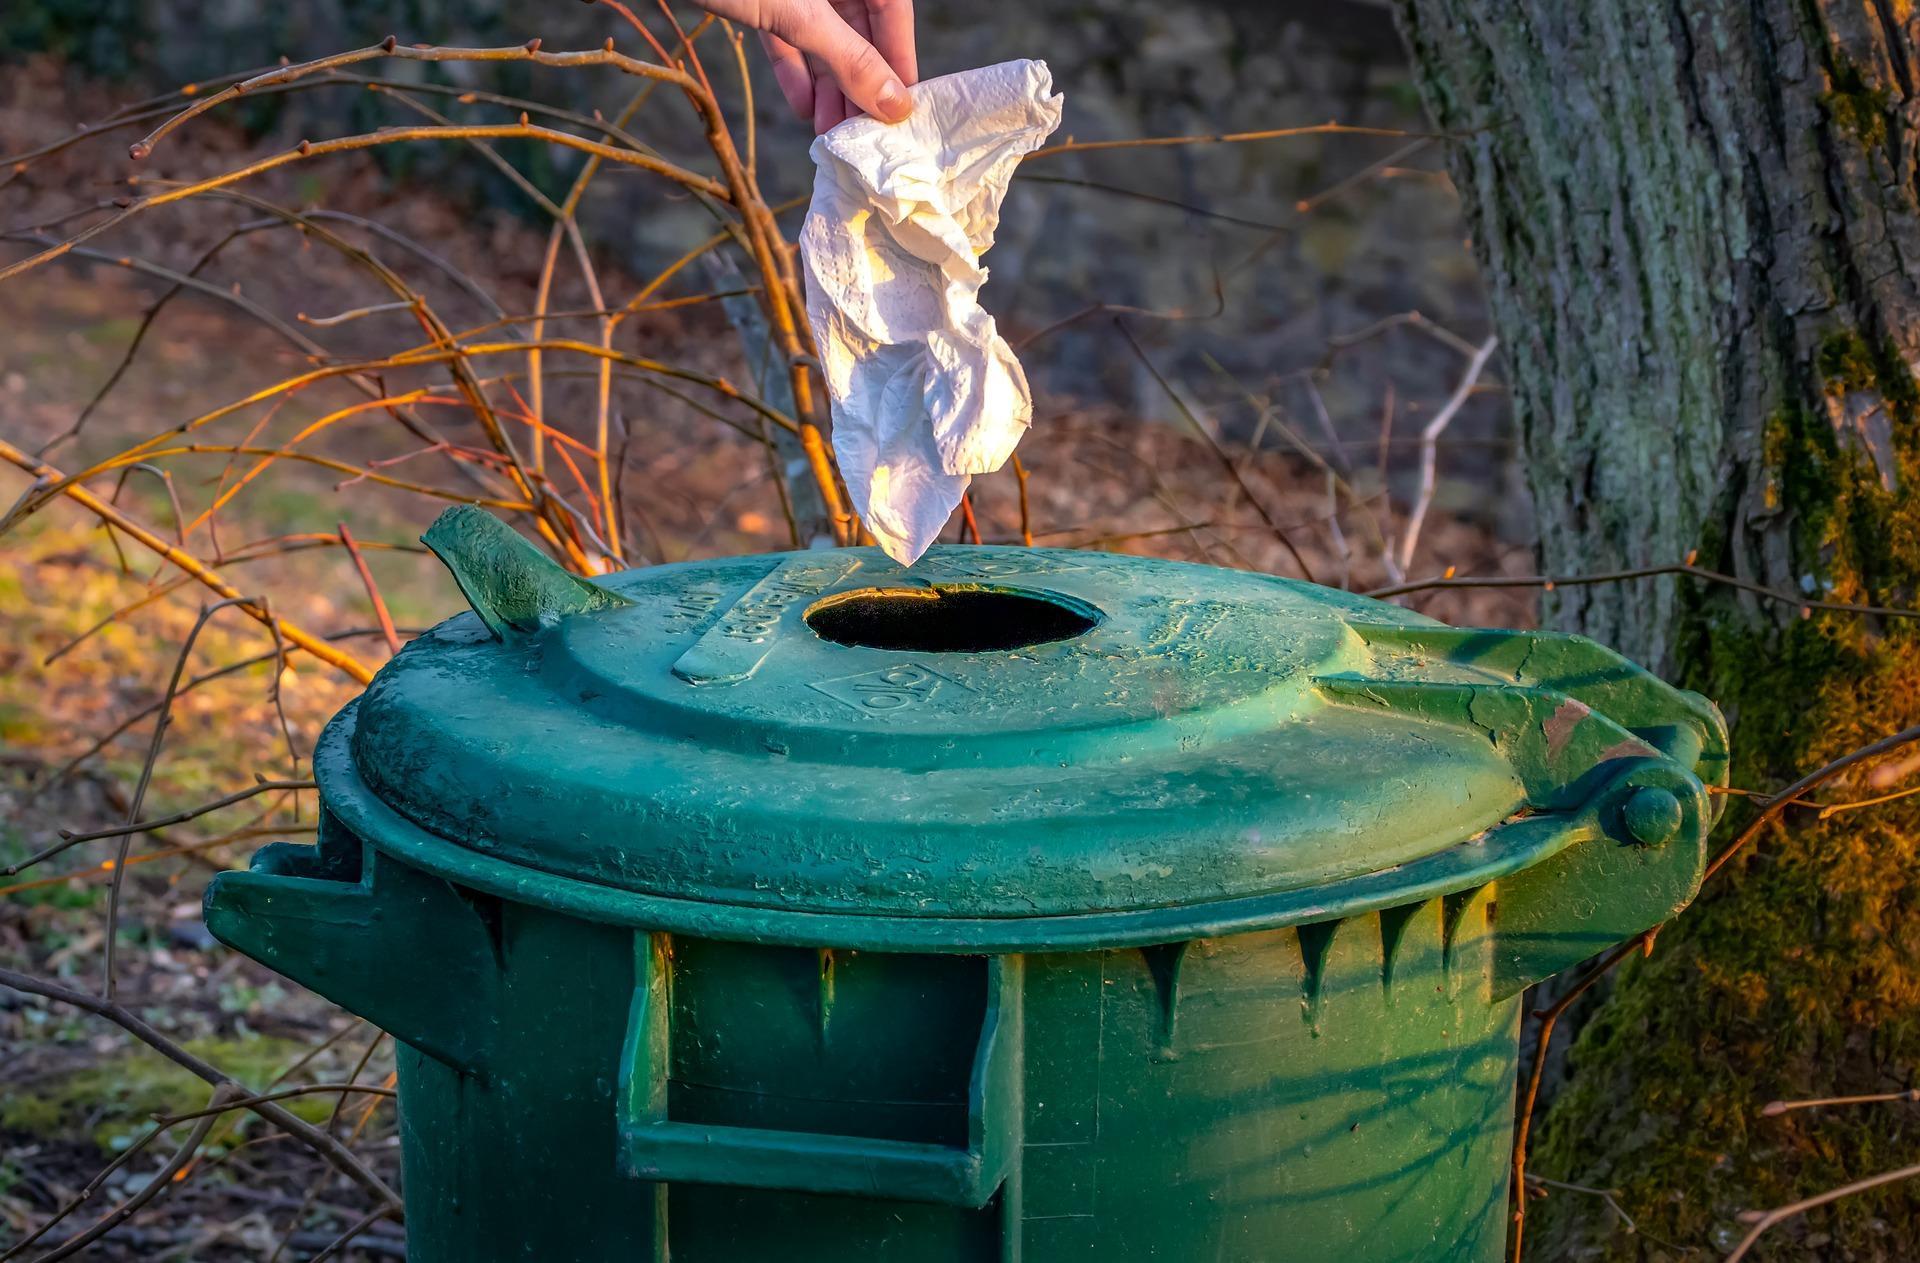 környezetszennyezés, szemét, hulladékgazdálkodás